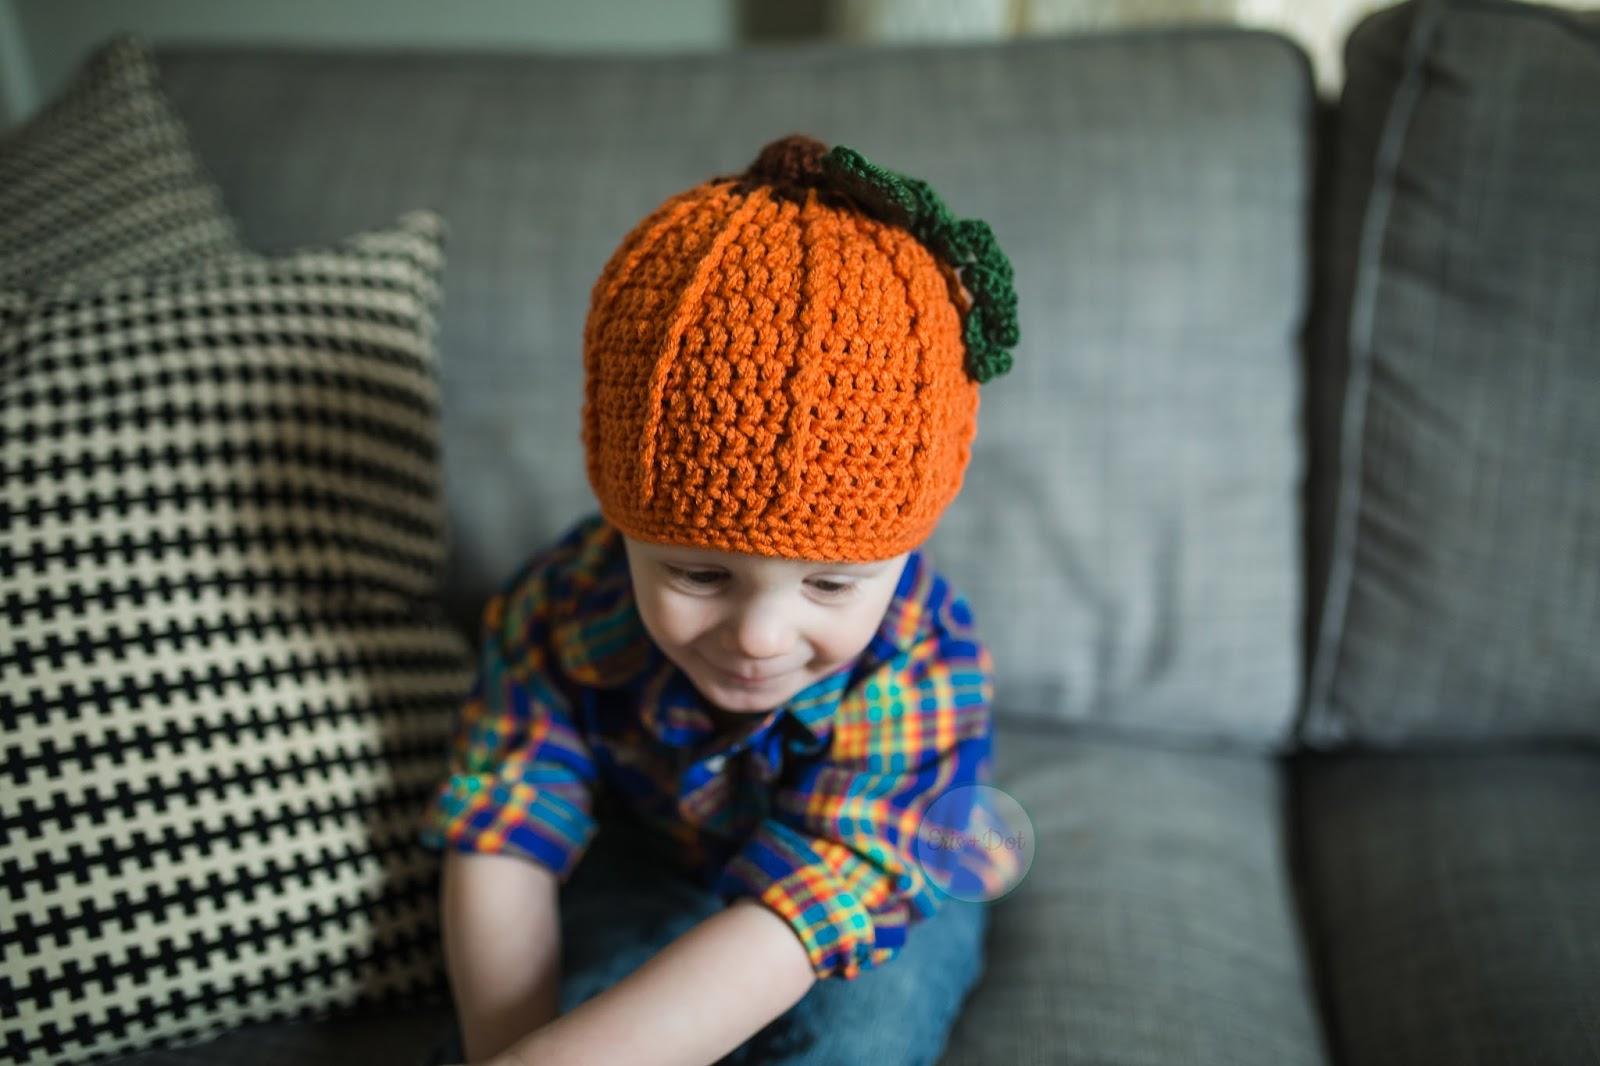 Children's Crochet Pumpkin Hat, Crochet Beanie, Baby Pumpkin Hat, Pumpkin Beanie, Infant, Toddler, Halloween, Costume, Fall, Photo Prop, Girl, Boy